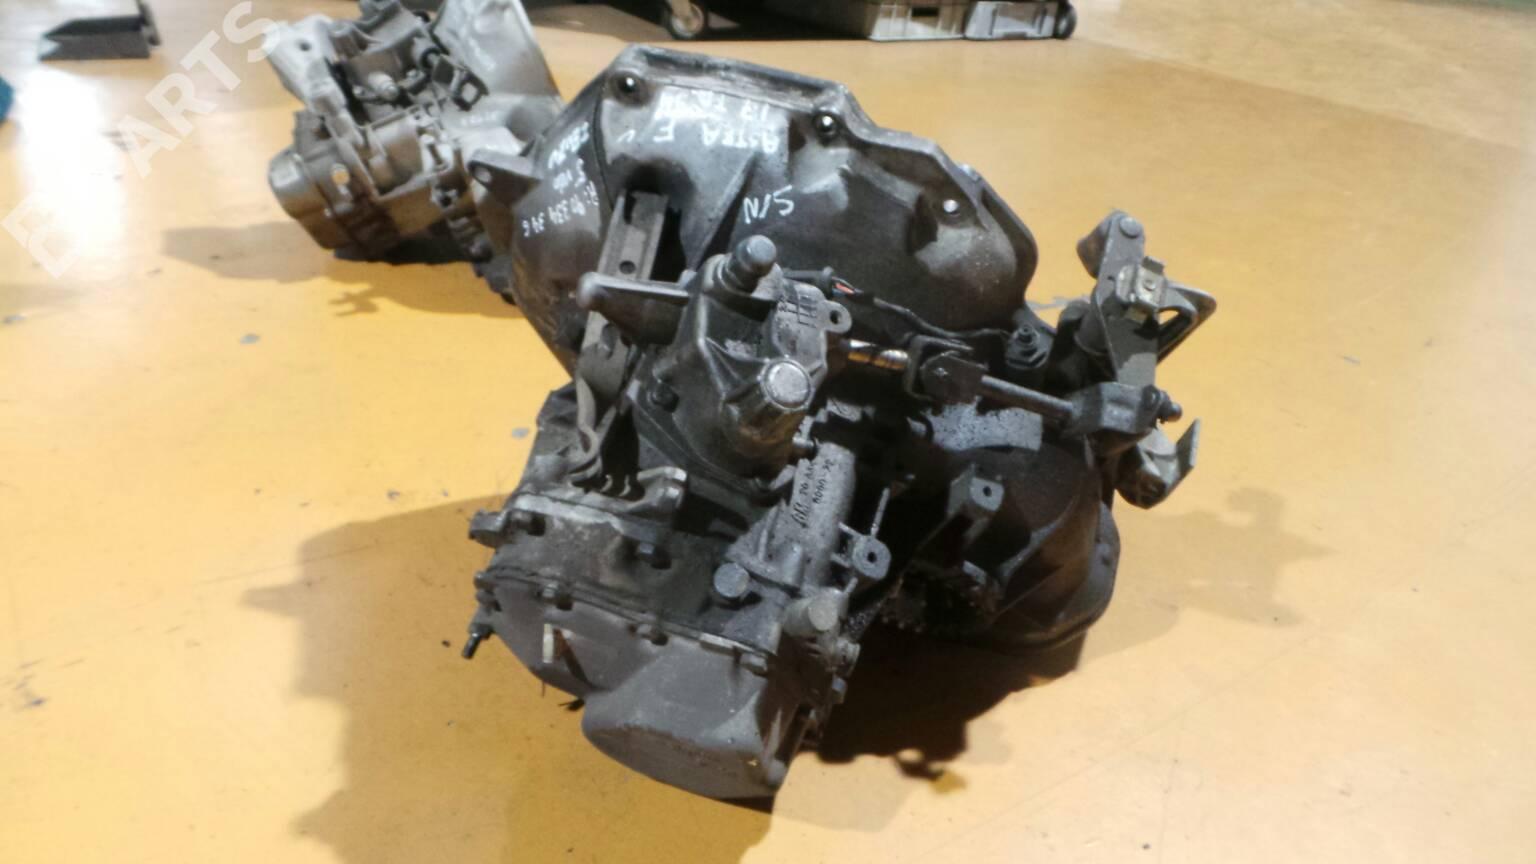 manual gearbox opel astra f 56 57 1 7 td 31926 rh b parts com Opel Astra F Manual Opel Astra F Manual